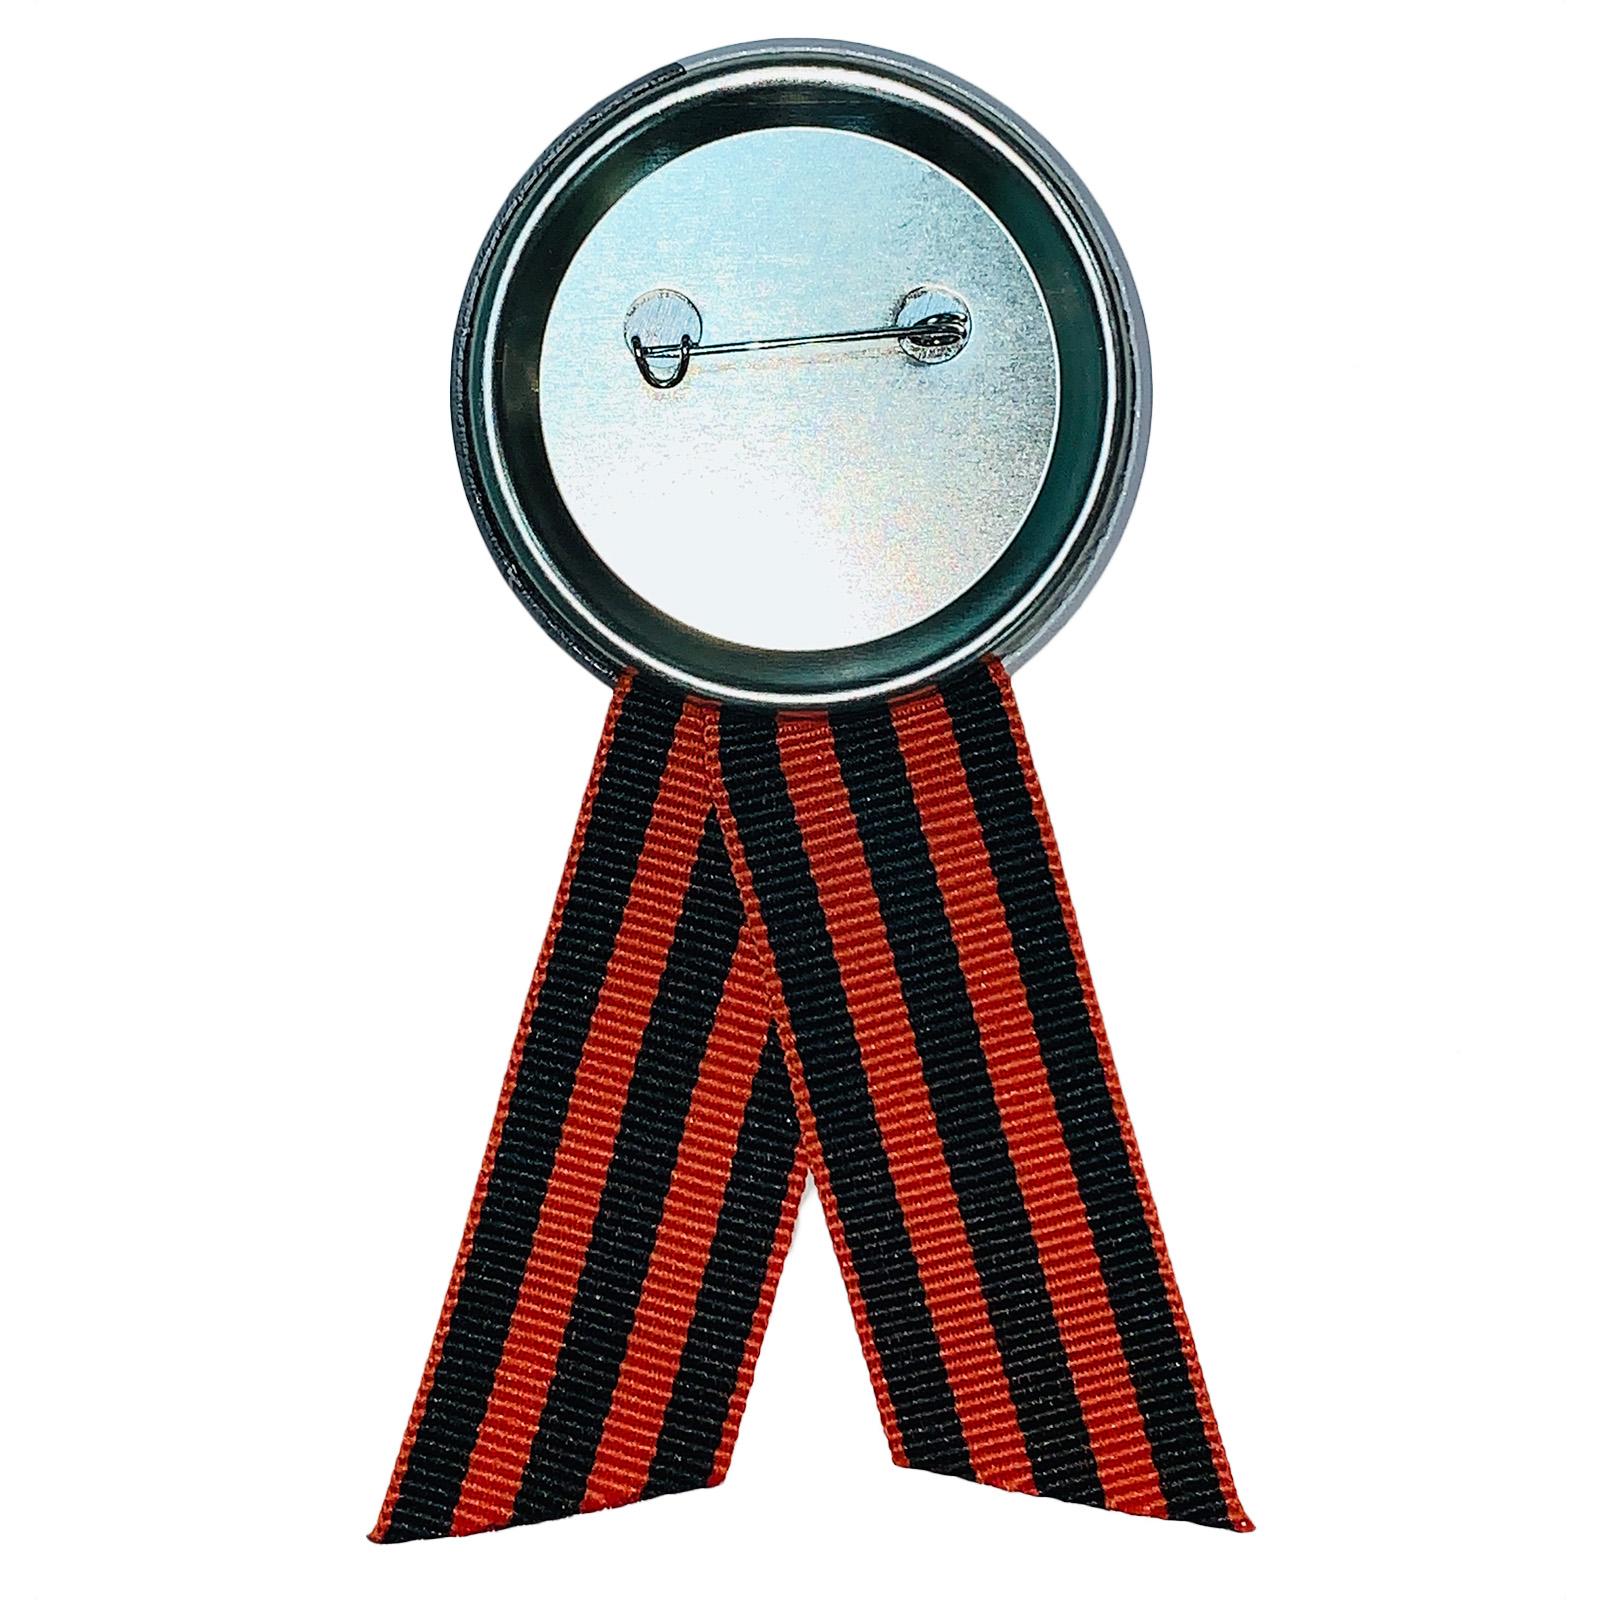 Юбилейный значок «Победа!» к 75-й годовщине Победы над фашизмом - крепление булавка